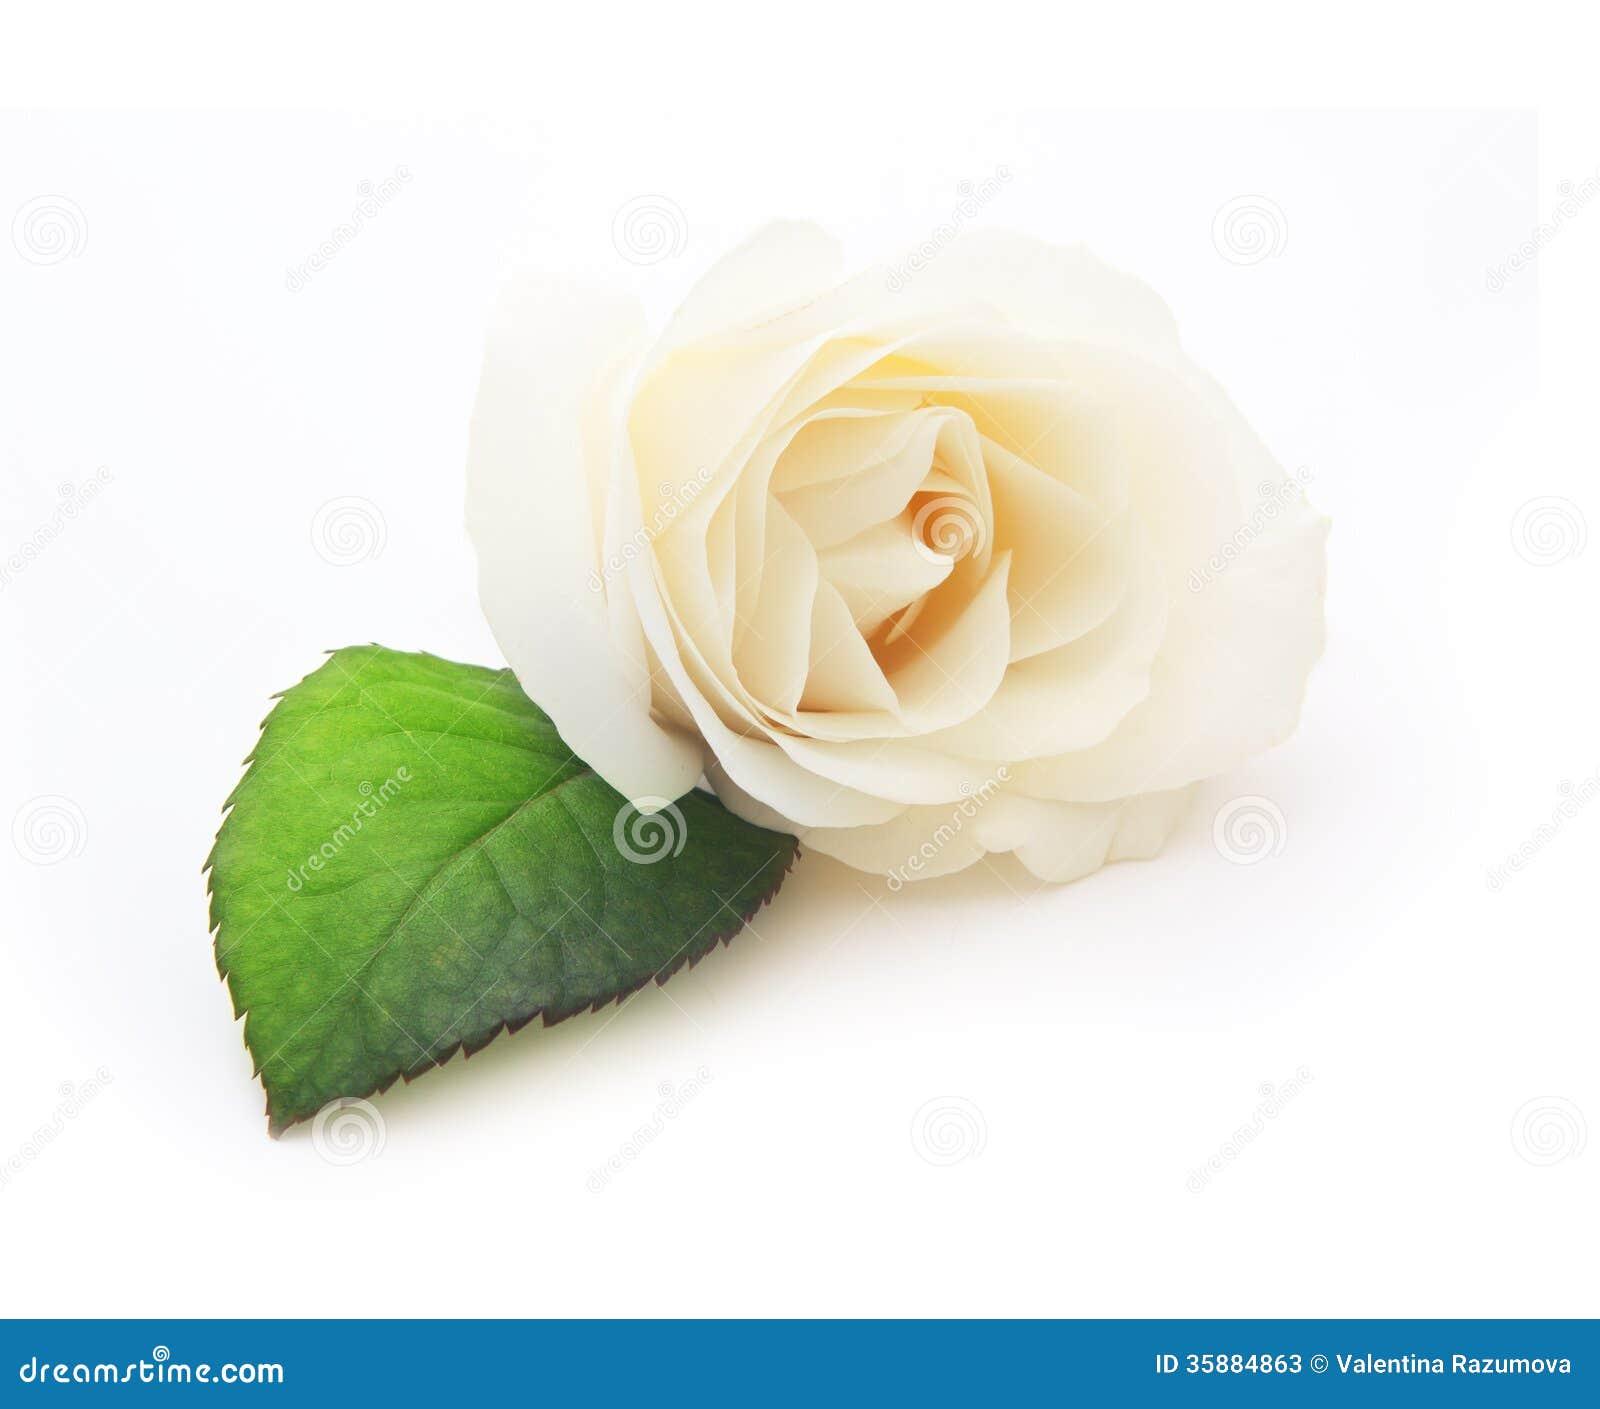 Gaeroladid White Rose White Background Images